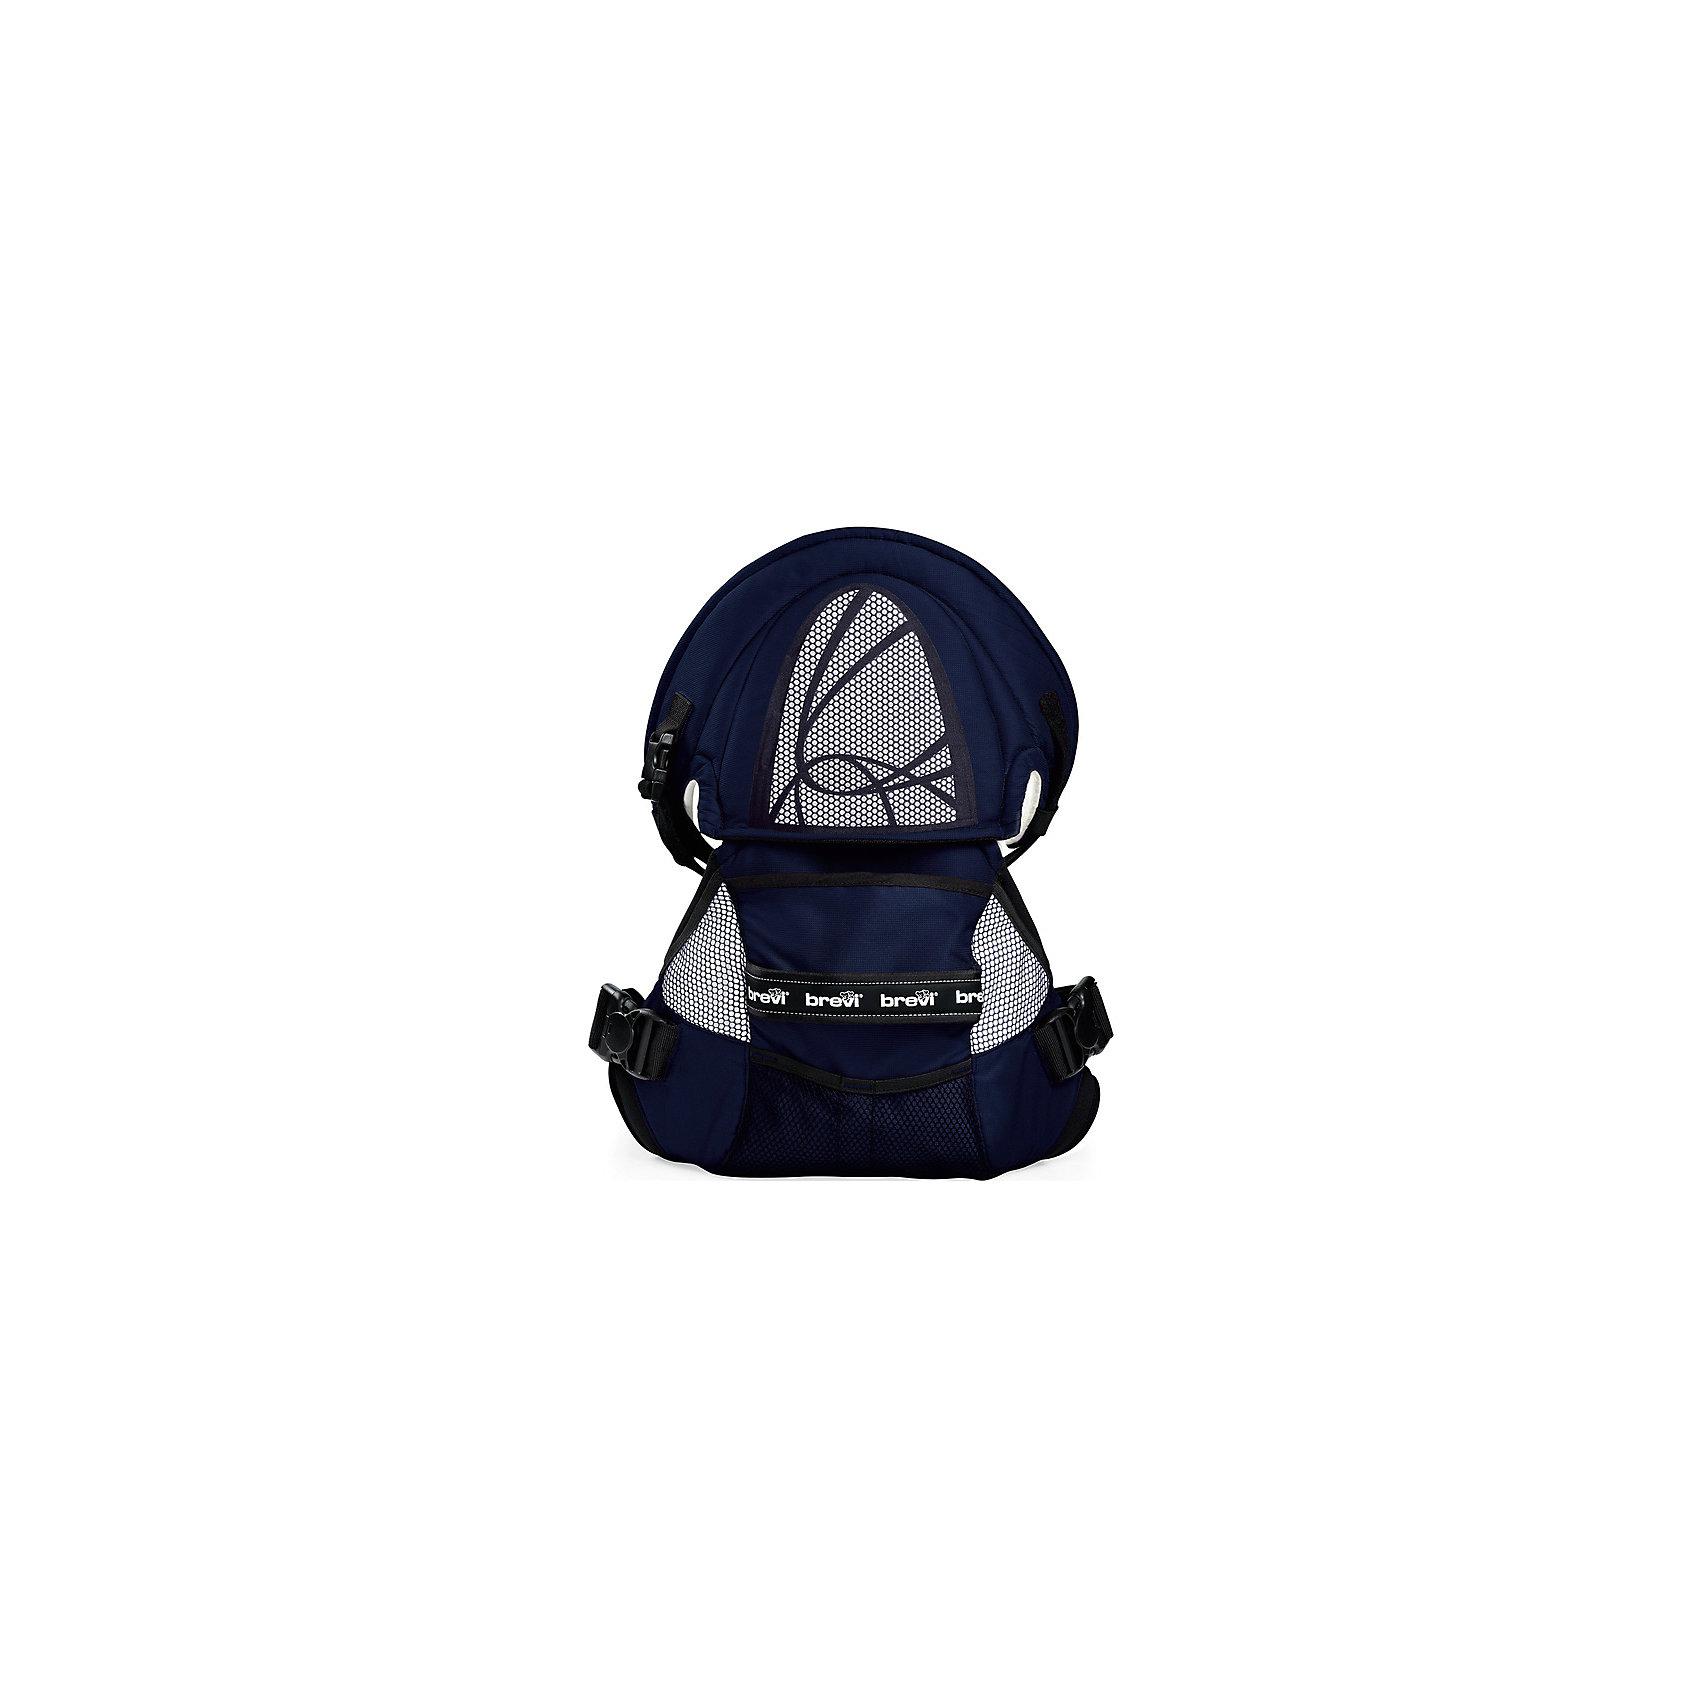 Рюкзачок для переноски детей Pod (015/239), Brevi, темно-синийСлинги и рюкзаки-переноски<br>Характеристики рюкзачка для переноски детей Brevi Pod: <br><br>- вес: 1,9 кг<br>- вес упаковки: 0,4 кг<br>- размер упаковки: 37*42*27 см<br>- объем упаковки: 0,043 м3<br>- минимальный вес ребенка: 3,5 кг.<br><br>Уникальный рюкзак-кенгуру Brevi Pod - рюкзак, который будет заботится <br>об осанке Вашего малыша и о Вашей спине. Нагрузка распределена так, что мама или папа не чувствуют тяжести, не ощущают боли в спине или же области шеи. При использовании Brevi Pod вес ребенка распределяется между бедром, плечом и торсом, в то время как при использовании вентрального рюкзака плечи и мышцы спины подвергаются значительным нагрузкам. В результате, положение будет более удобное для Вашего ребенка и менее утомительное для Вас. Уникальная система Anyfit поглощает до 60% веса ребенка. Вы можете носит малыша до достижения им 4-х лет.<br><br>Рюкзачок для переноски детей торговой марки Brevi Pod можно купить в нашем интернет-магазине.<br><br>Ширина мм: 275<br>Глубина мм: 375<br>Высота мм: 420<br>Вес г: 2300<br>Возраст от месяцев: 0<br>Возраст до месяцев: 36<br>Пол: Унисекс<br>Возраст: Детский<br>SKU: 5144751